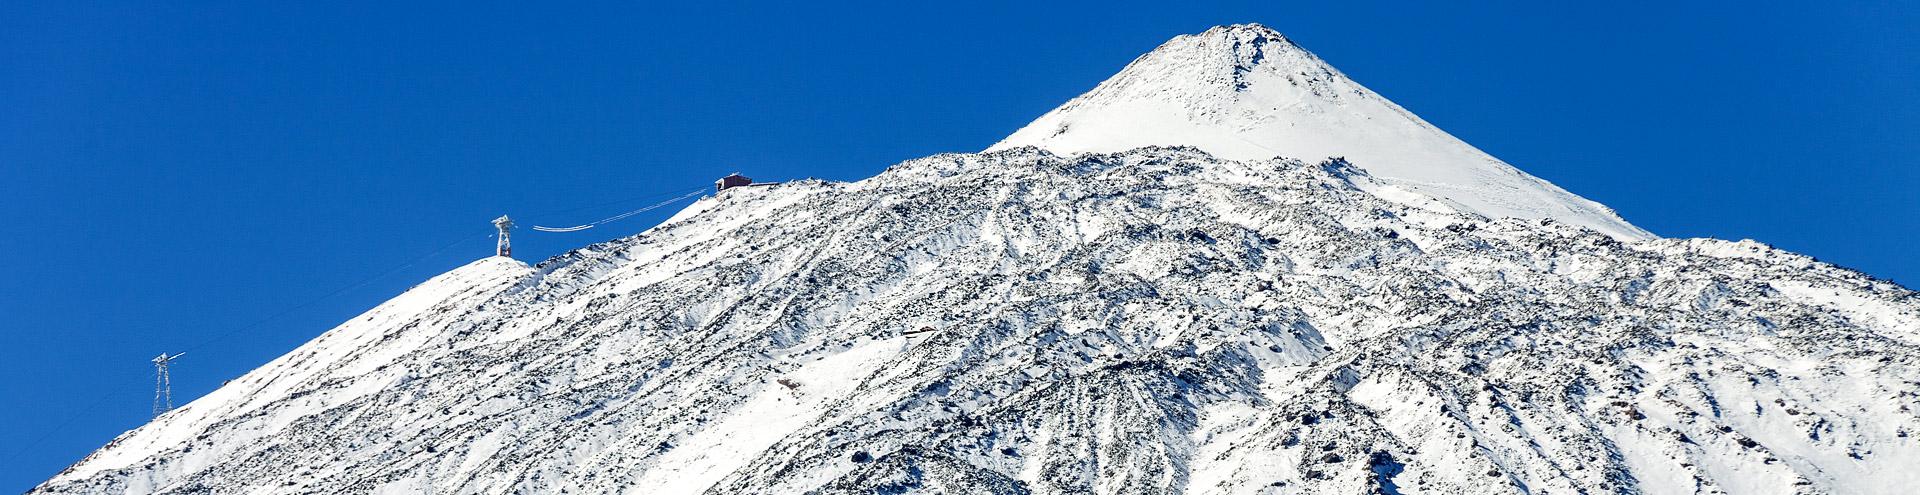 Der Vulkan Teide